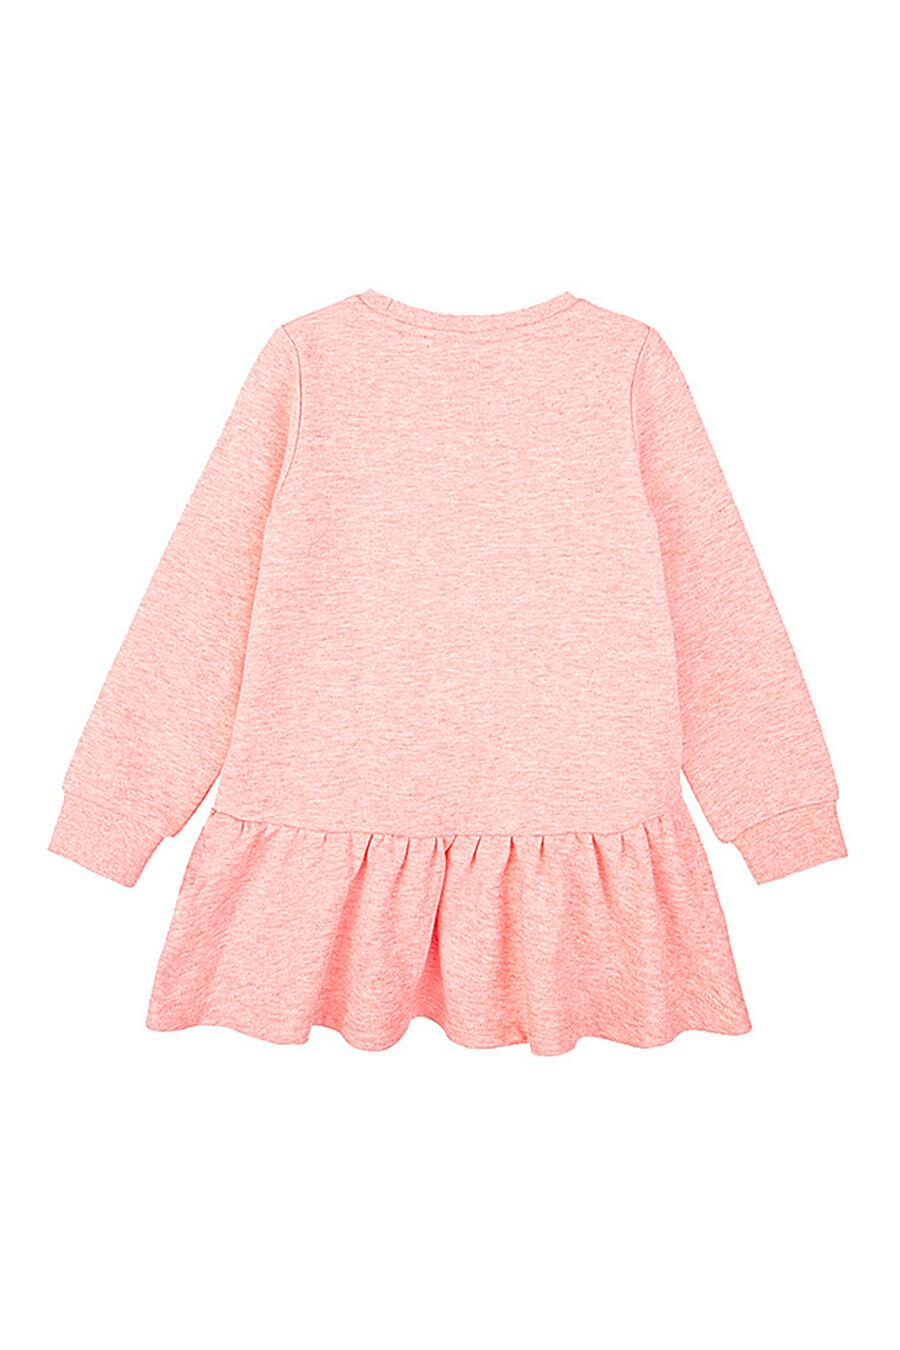 Свитшот для девочек PLAYTODAY 239121 купить оптом от производителя. Совместная покупка детской одежды в OptMoyo